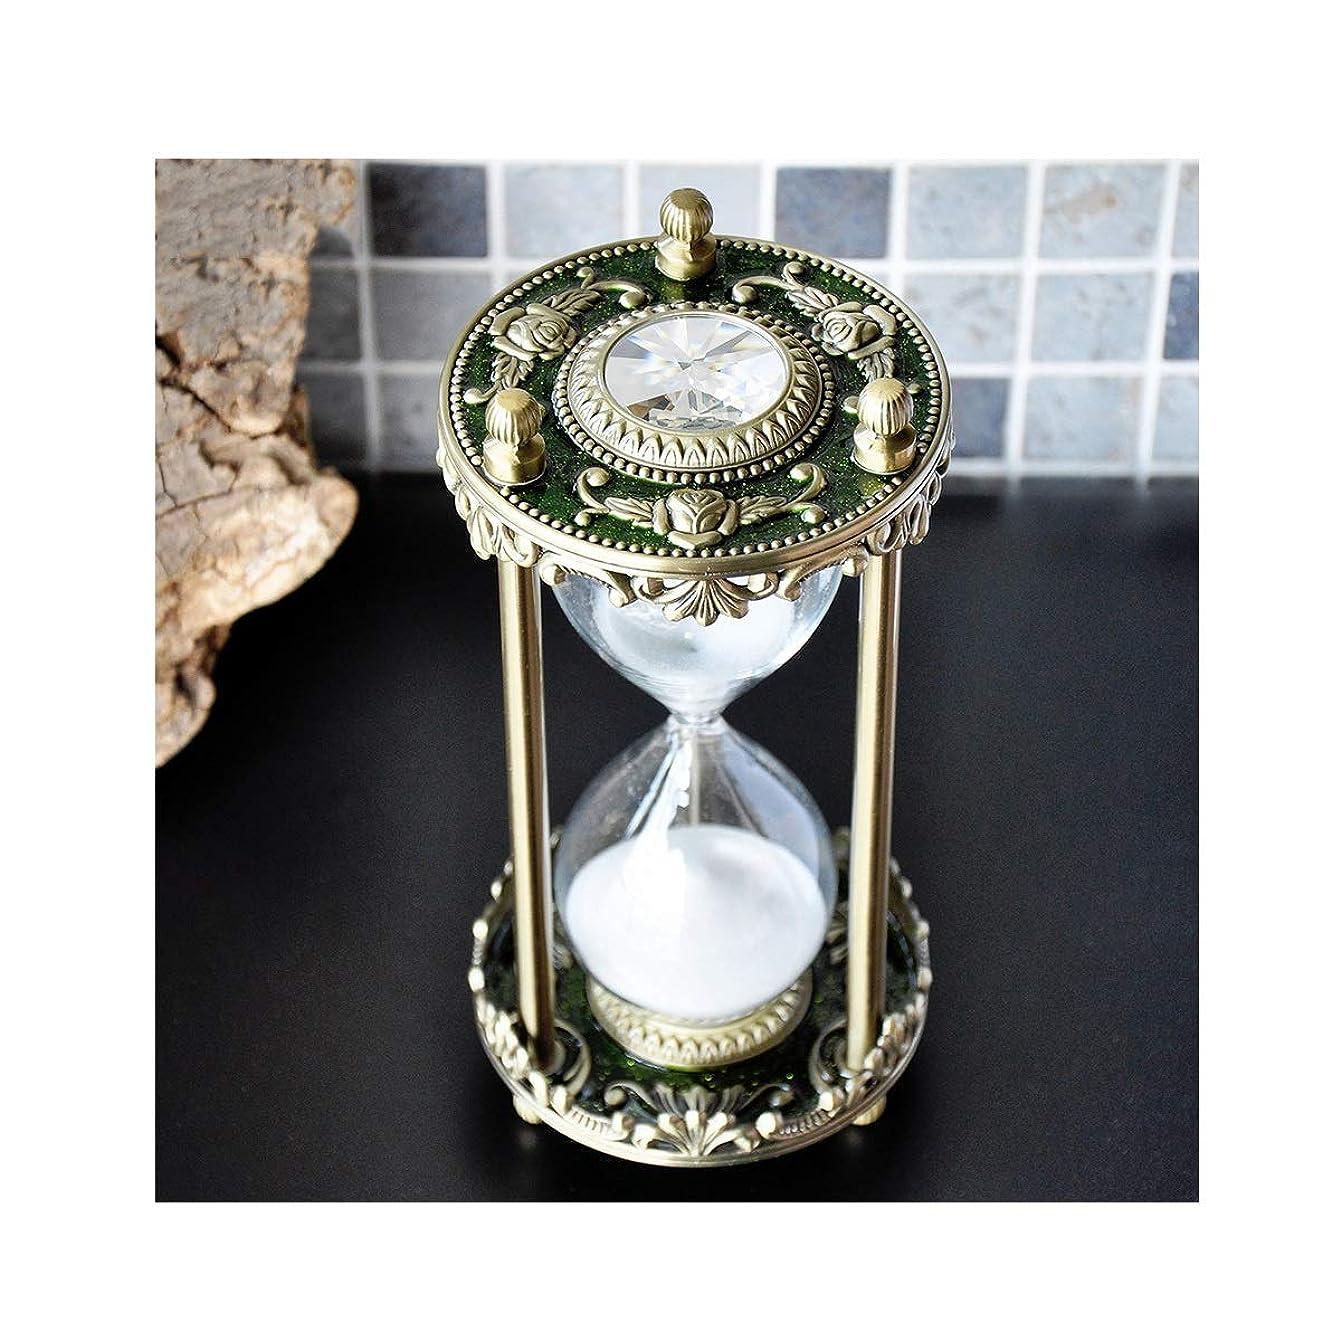 喜劇特別な農村XIONGHAIZI 砂時計、金属砂時計30分タイマー、クリエイティブな装飾品、家の装飾、Send Girlfriend、ボーイフレンドのギフト (Size : 30 minutes)